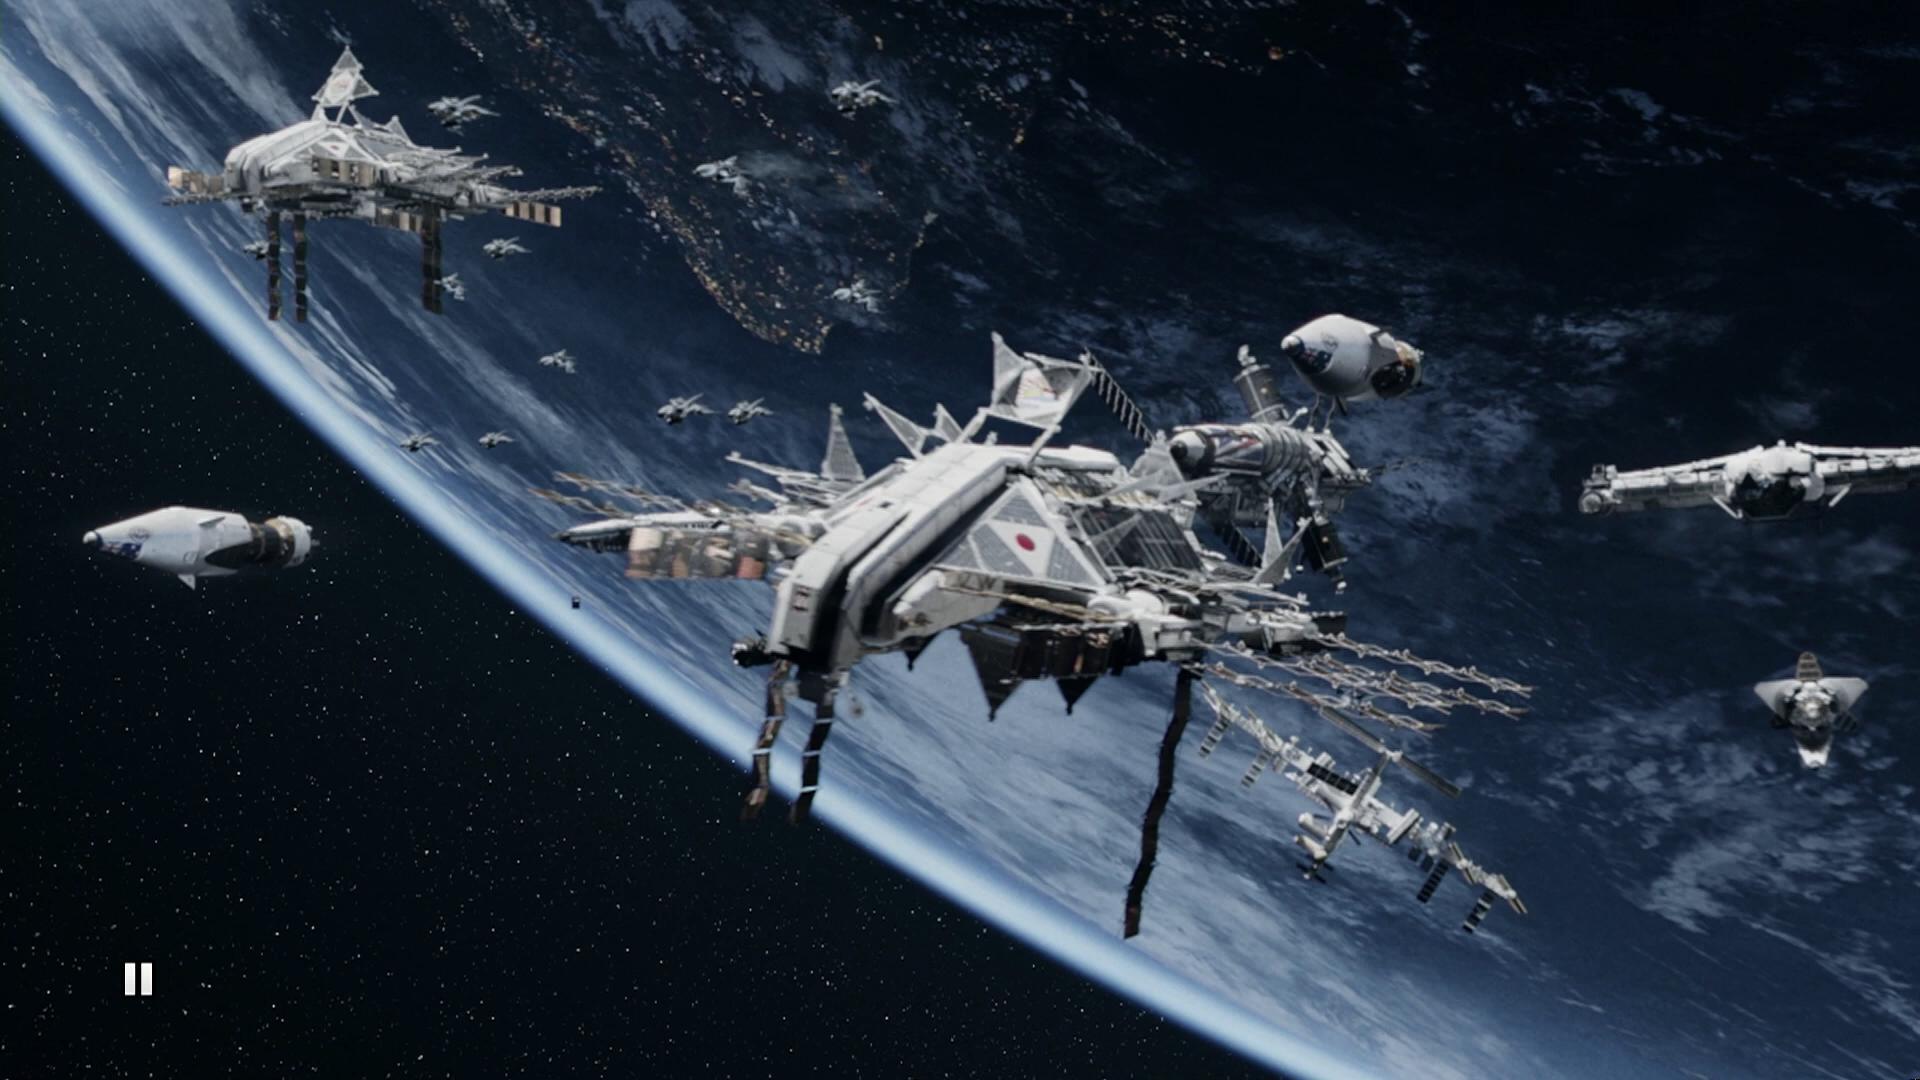 宇宙船アイアンスカイ